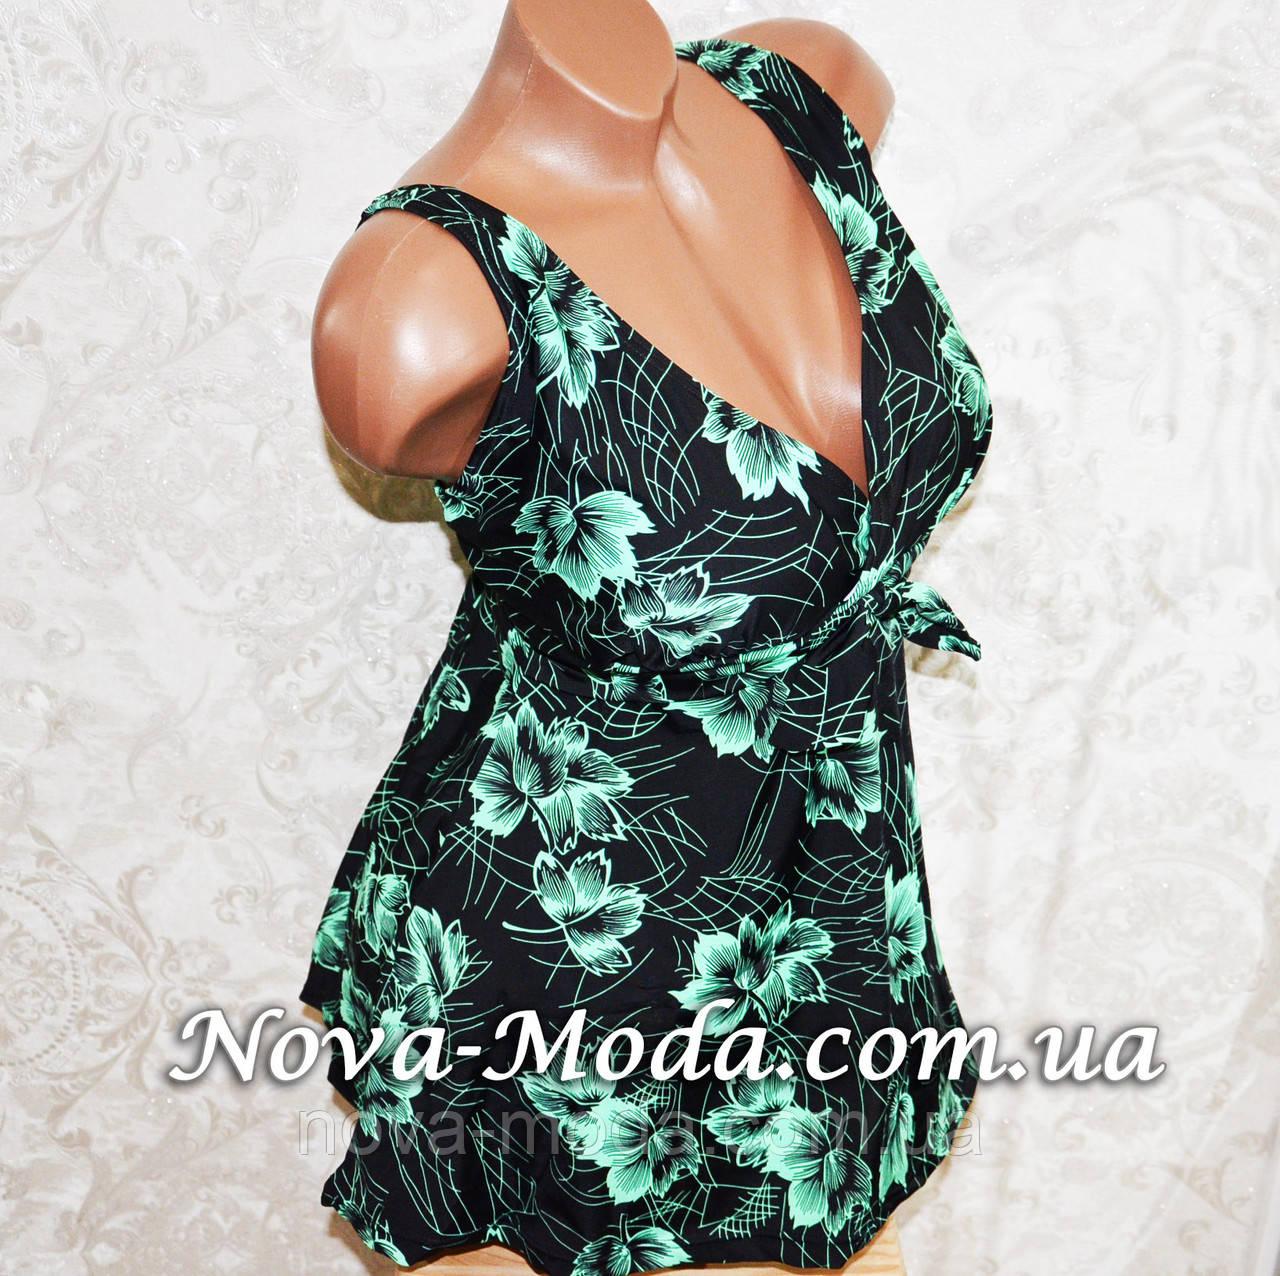 b22ebcaa99b4d 64 размер! Черный батальный купальник-платье танкини, для больших форм, с  зелеными